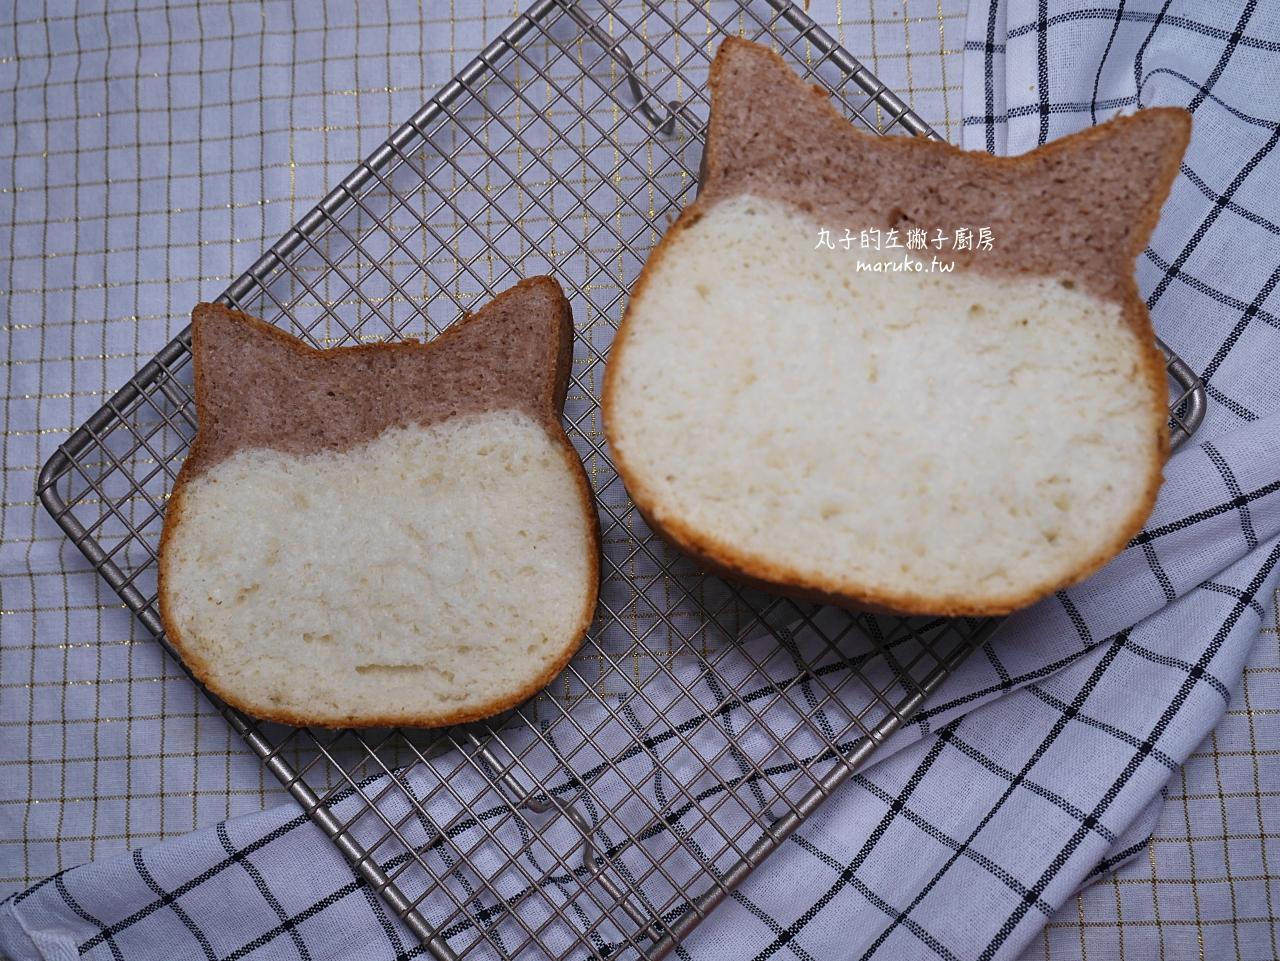 【食譜】貓咪吐司/超萌!三能貓型土司盒實在太可愛 @Maruko與美食有個約會